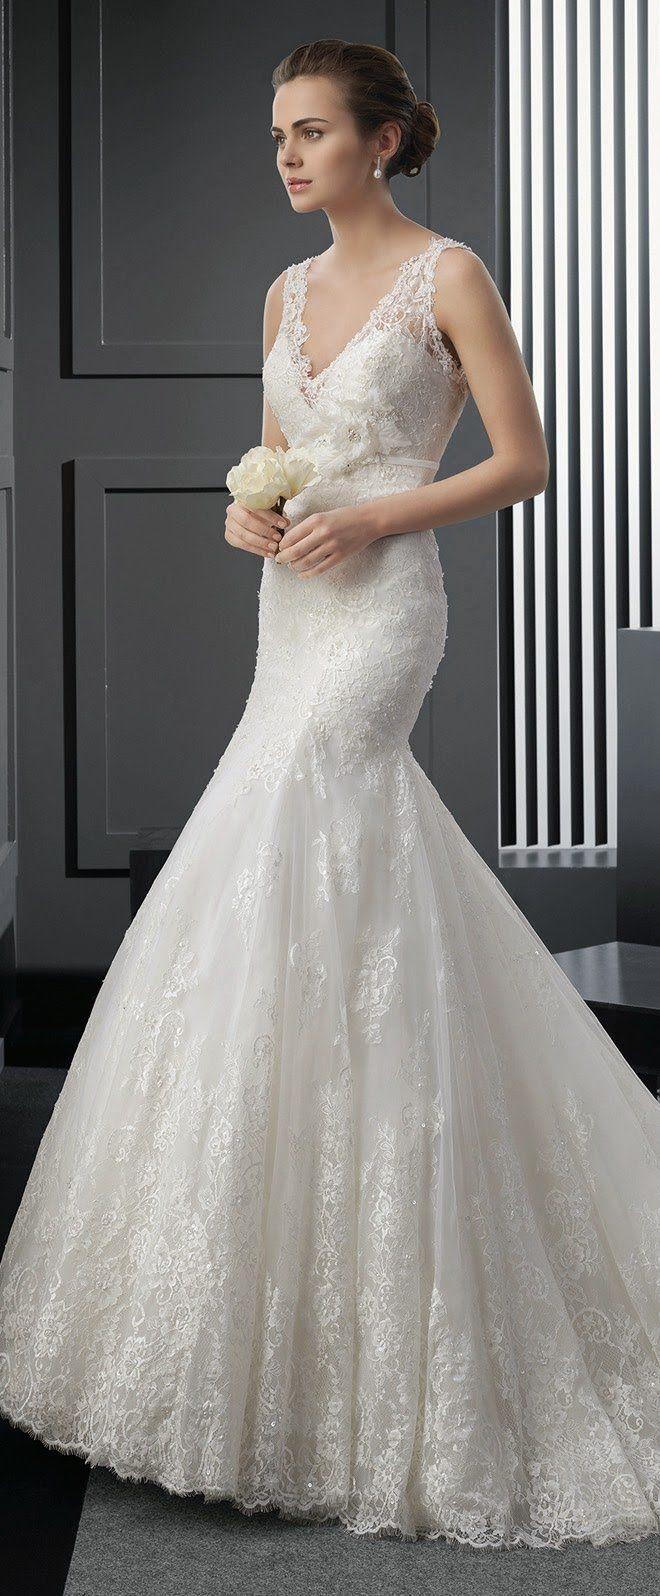 bộ sưu tập váy cưới áo cưới cô dâu 2015